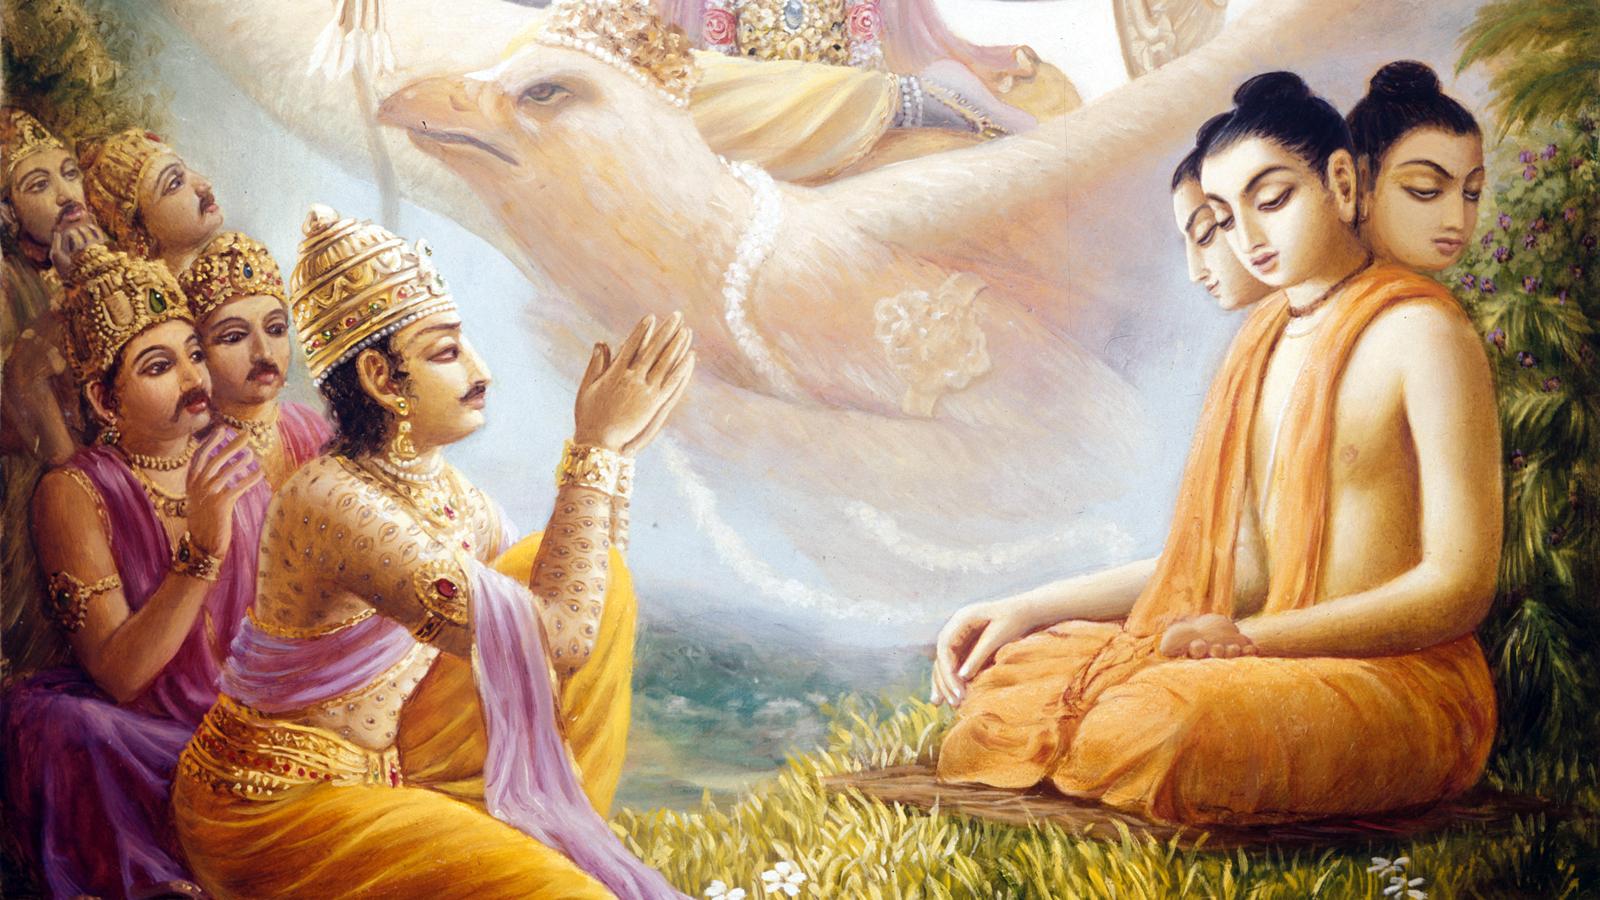 Vishwarupa teaching Narayana Kavacha to Indra